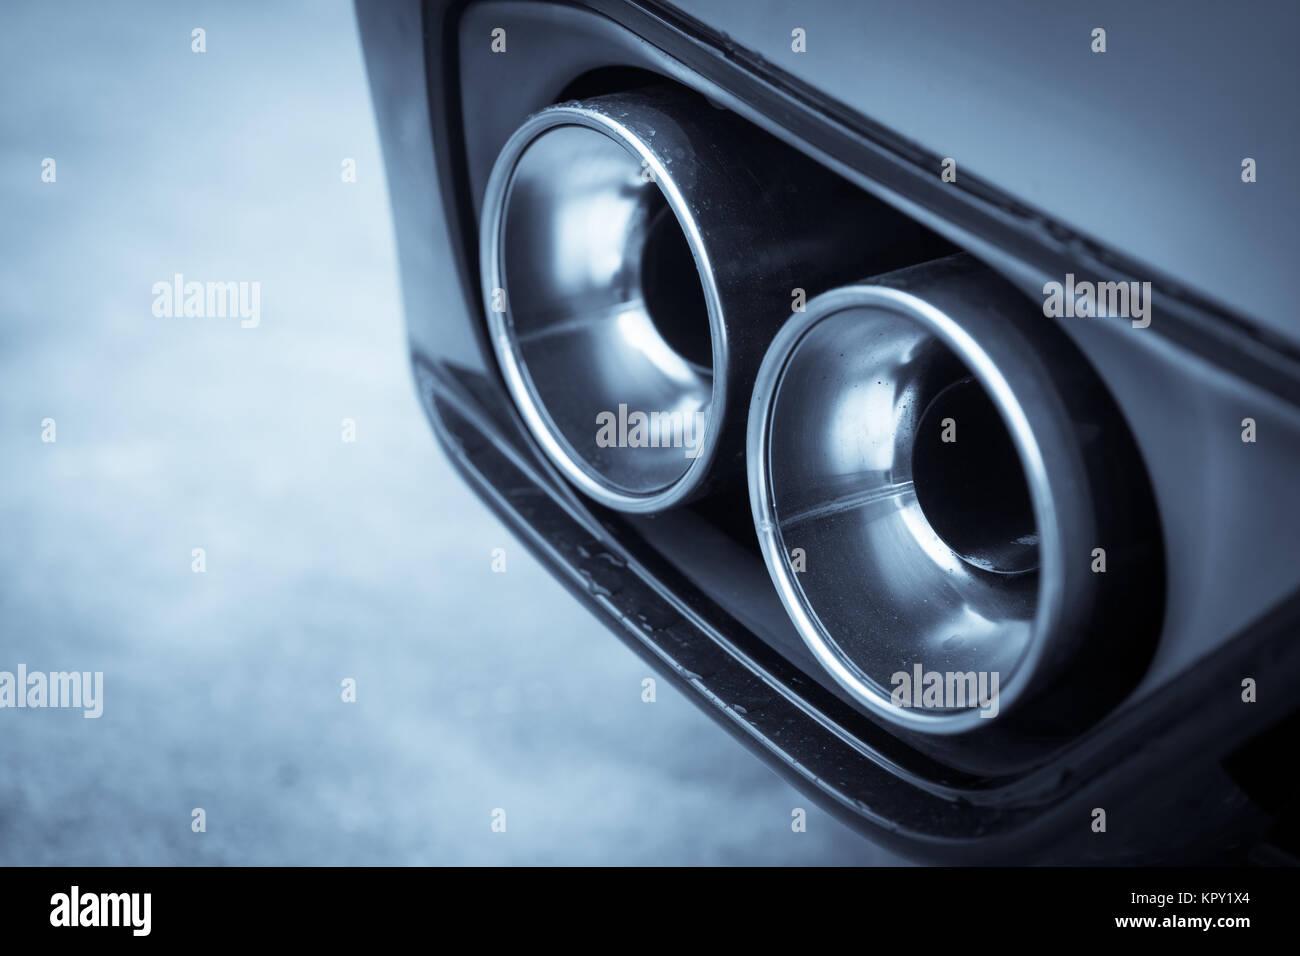 Photo Car Exhaust Pipe Stock Photos & Photo Car Exhaust